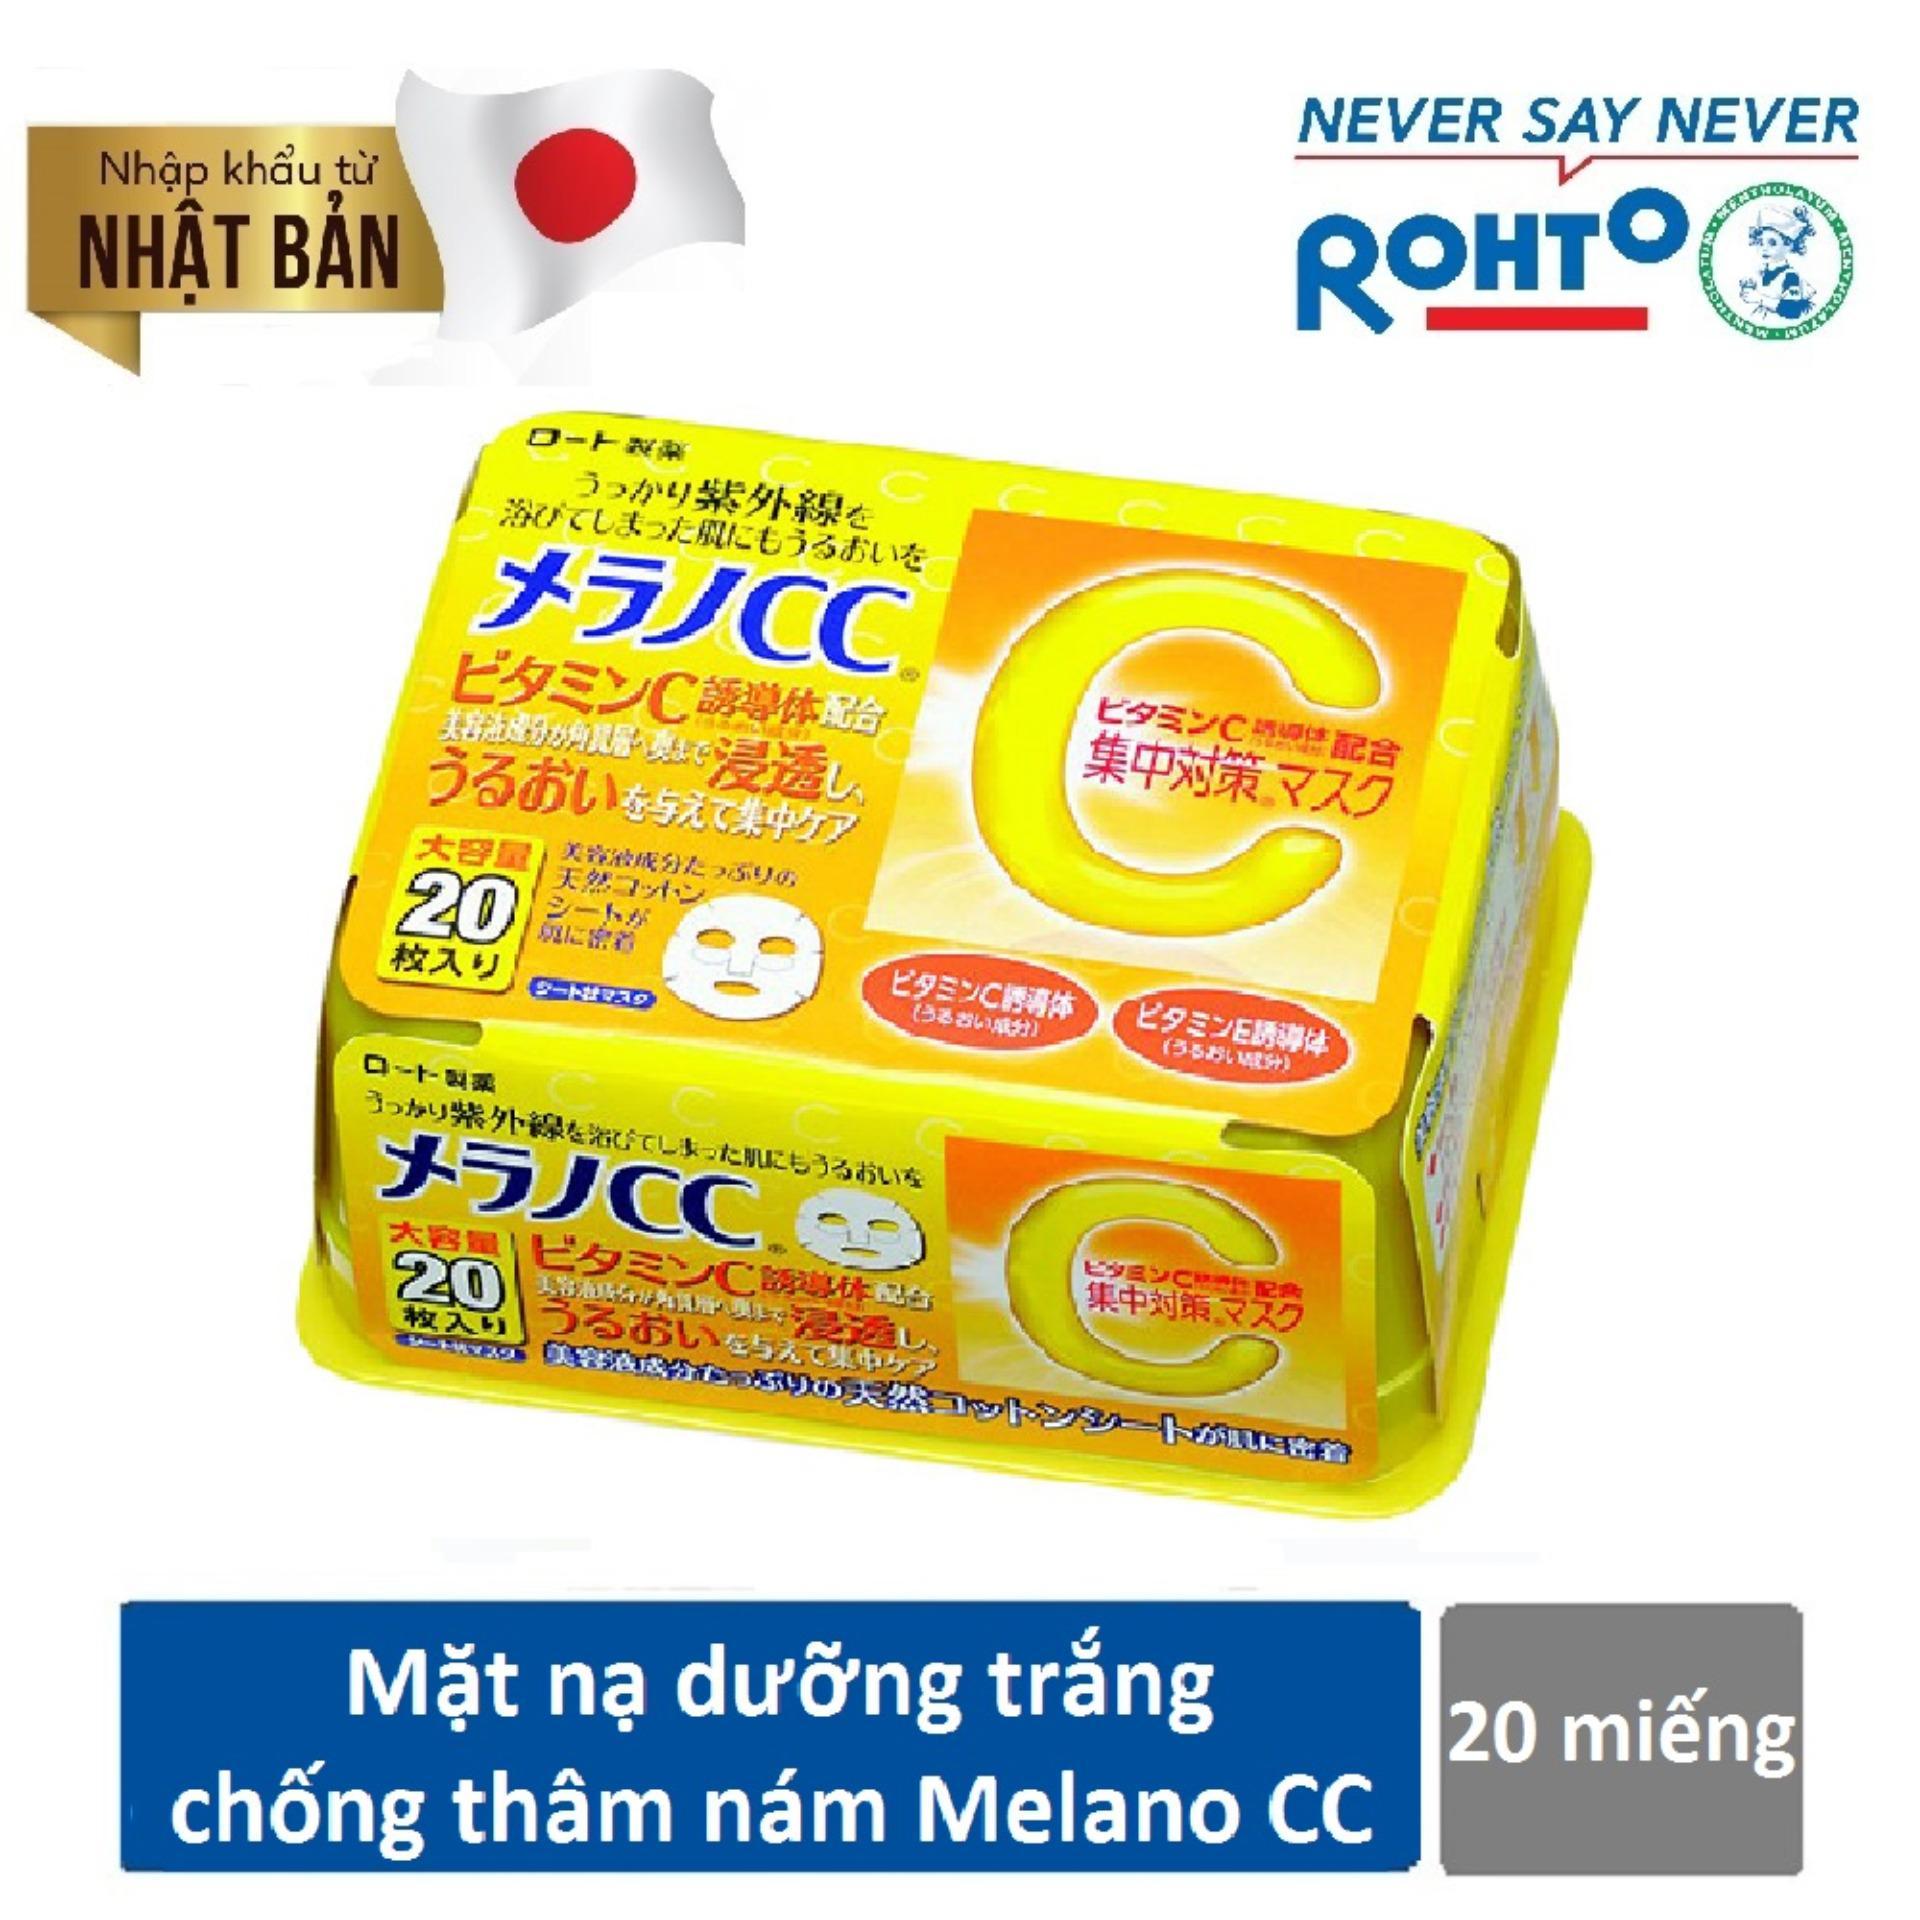 Mặt Nạ Melano CC Rohto 20 Miếng – Dưỡng Trắng Da Trị Thâm Nám